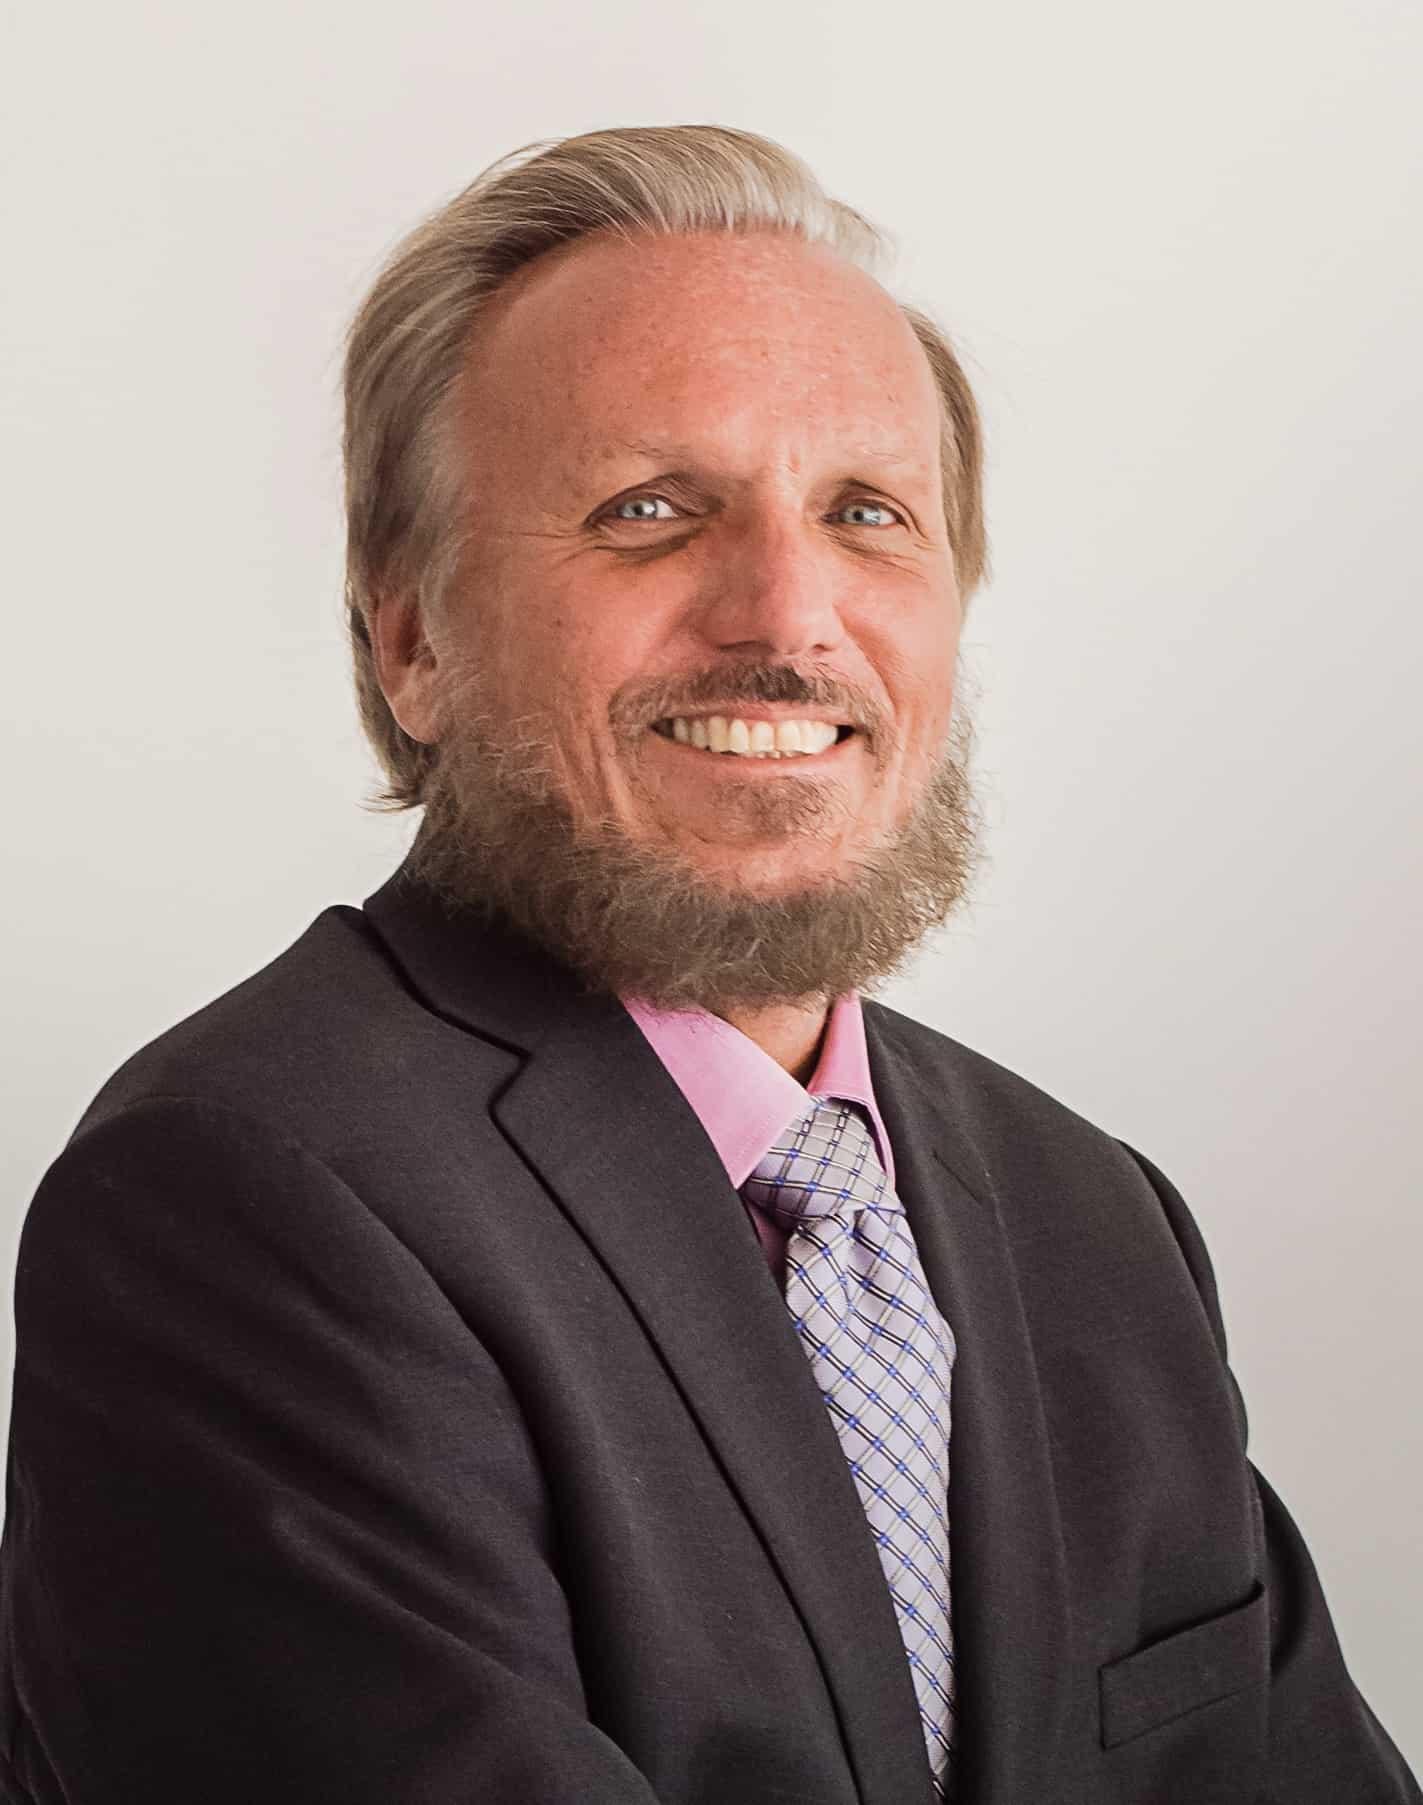 Leadership Author Steven Howard